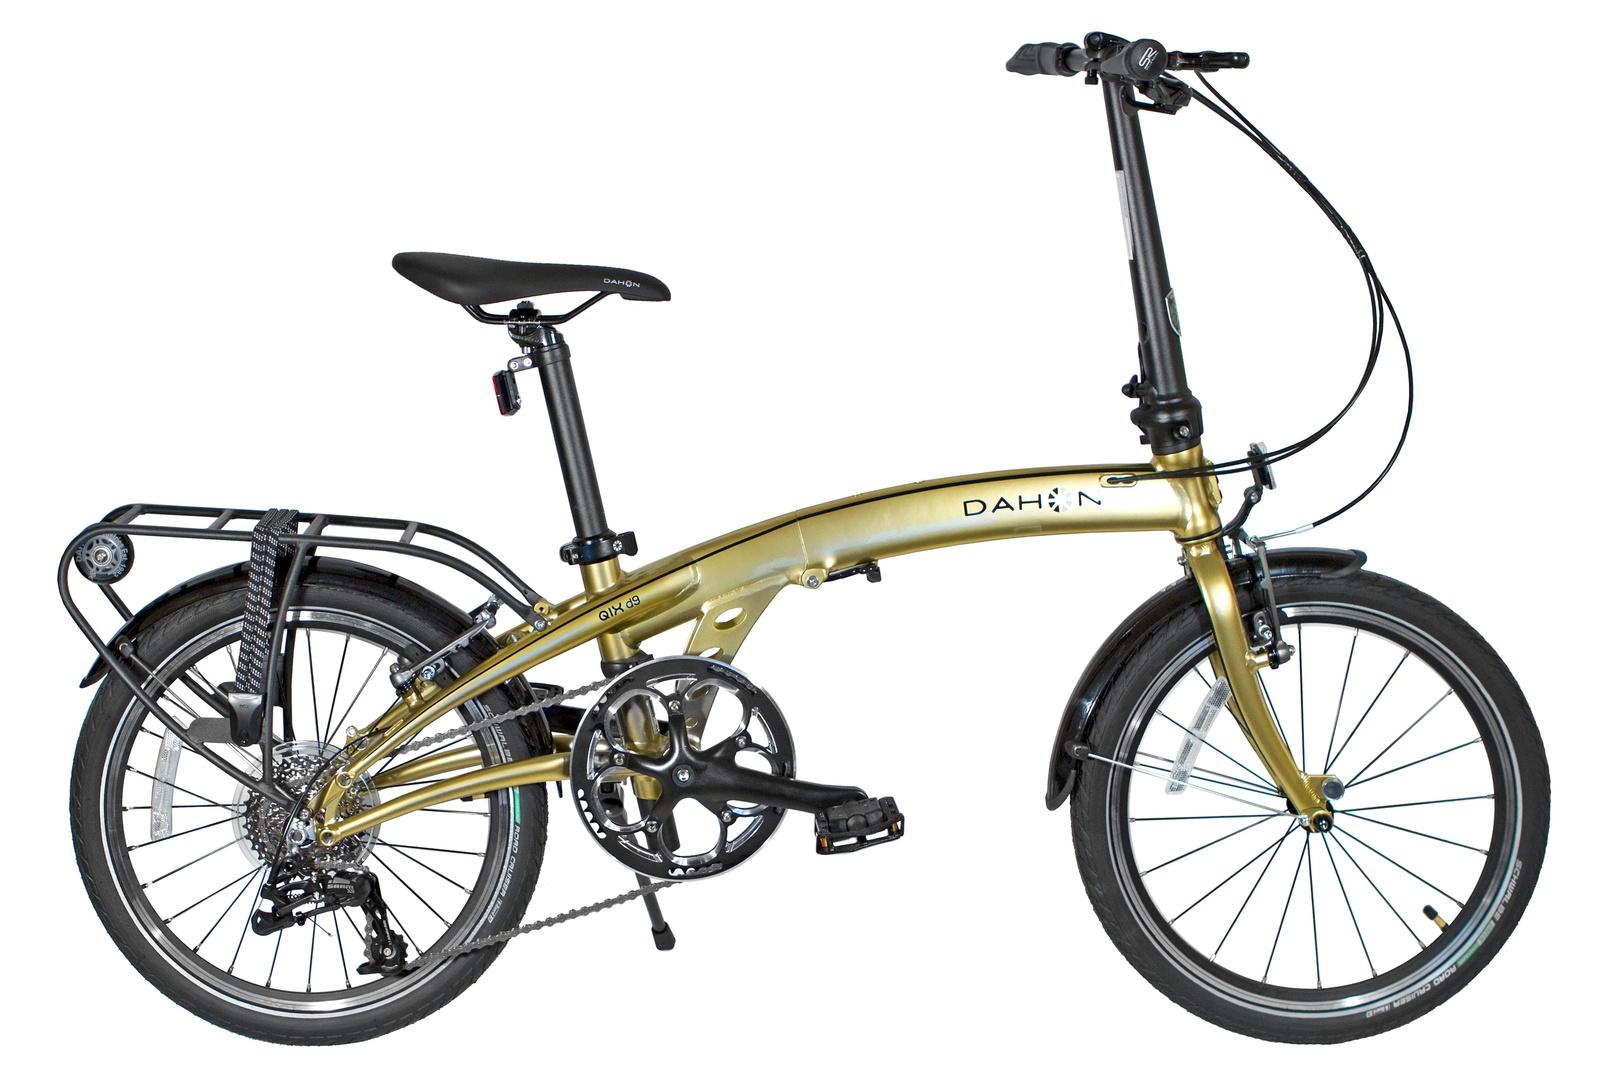 Велосипед складной DAHON QIX D9 золотистый, 9 скоростей top gear велосипед складной 20 eco 6 скоростей синий внс2086